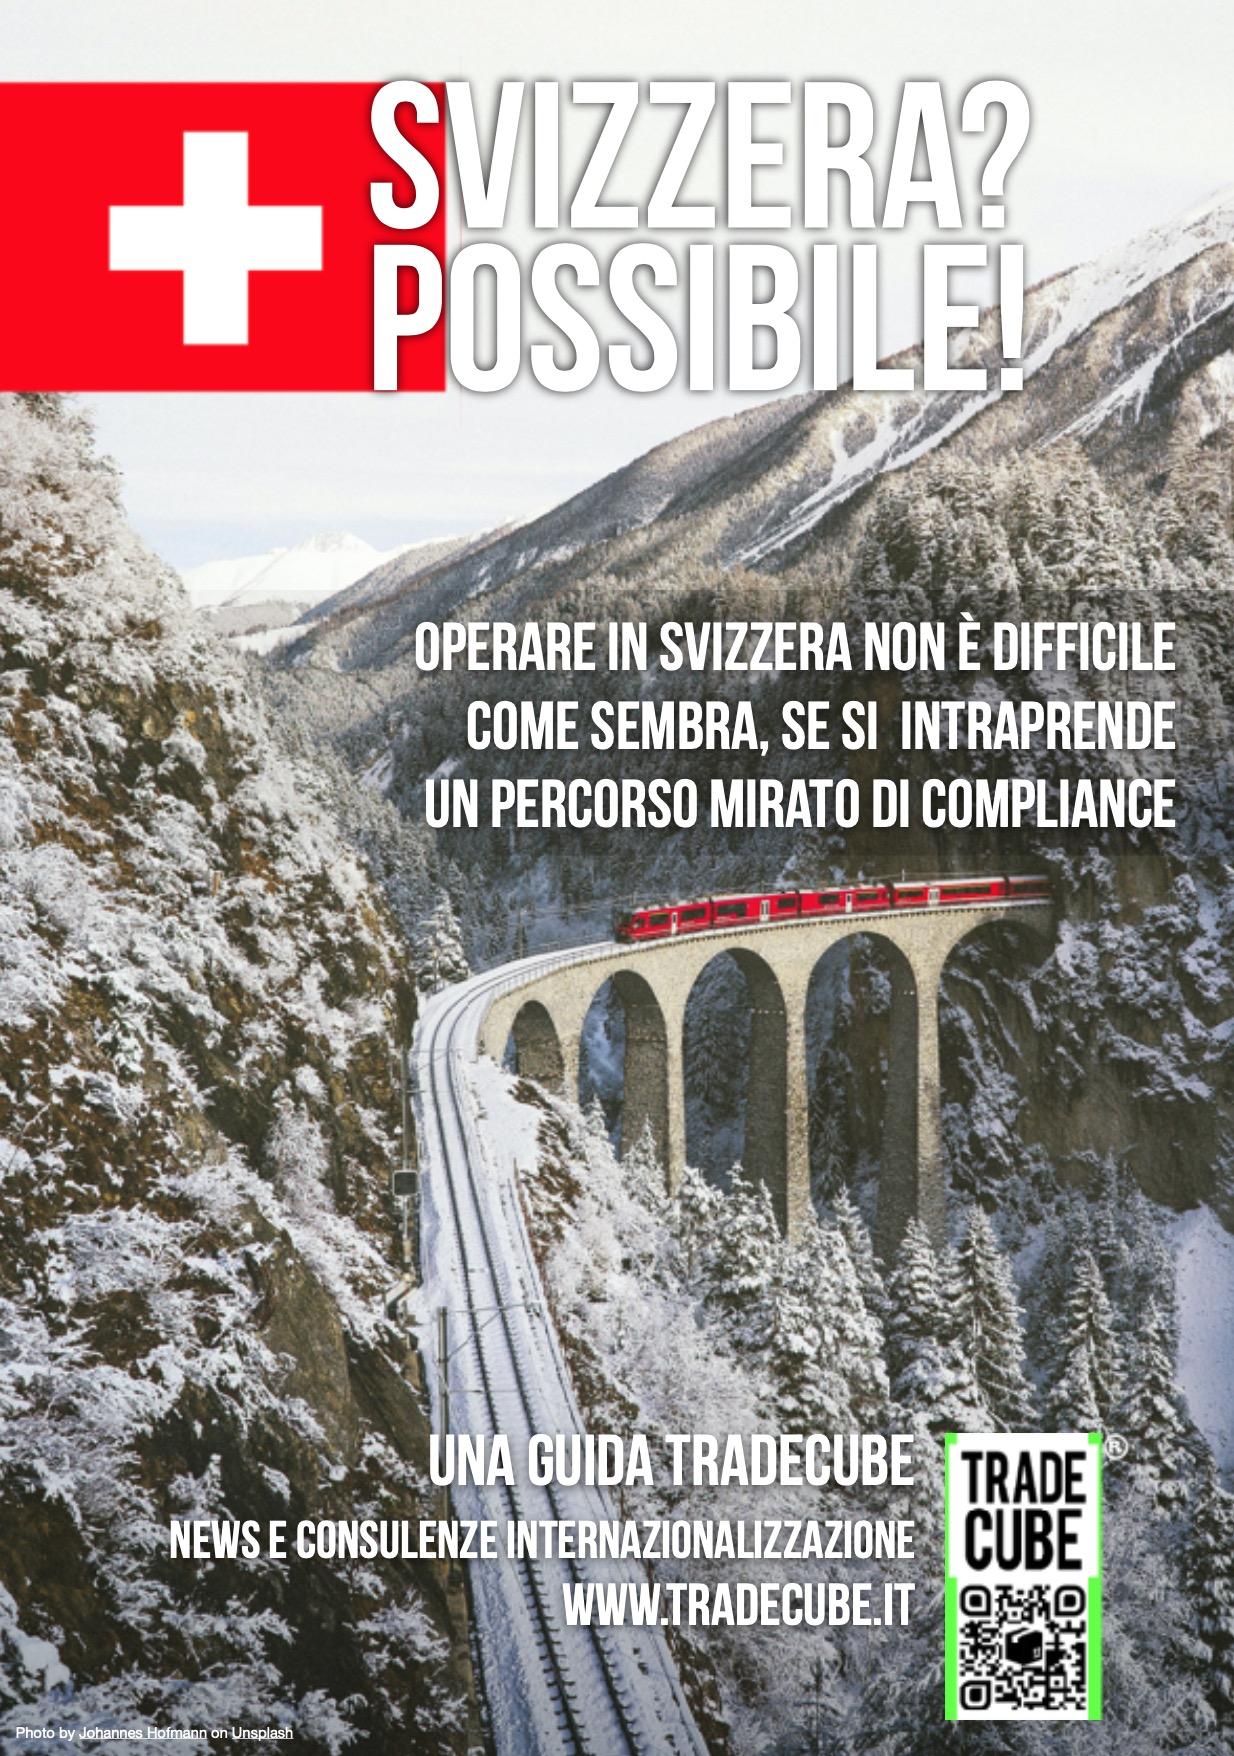 esportare operare vendere in svizzera